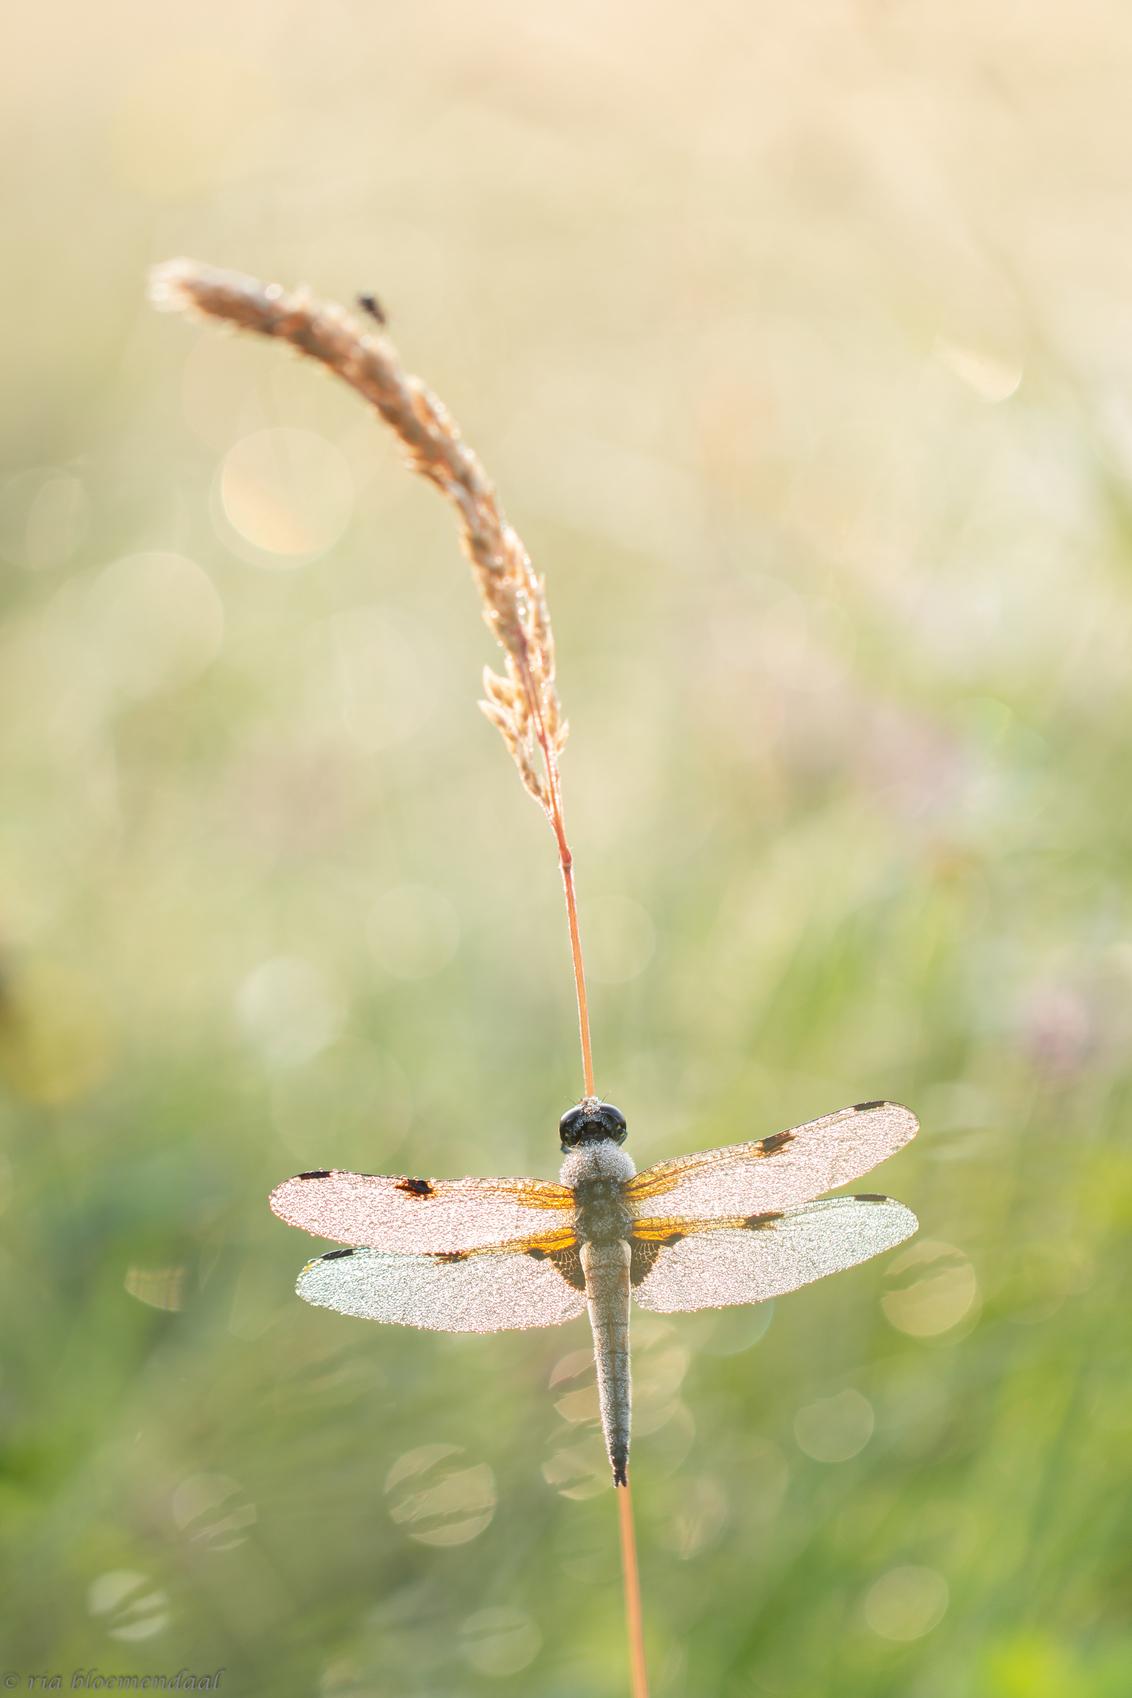 viervleklibel - Heerlijke tijd om dit moois `s morgens vroeg weer vast te kunnen leggen.  Bedankt voor jullie reacties op mijn vorige foto van het Hallerbos. - foto door riabloemendaal op 07-06-2018 - deze foto bevat: macro, lente, libel, dauw, bokeh